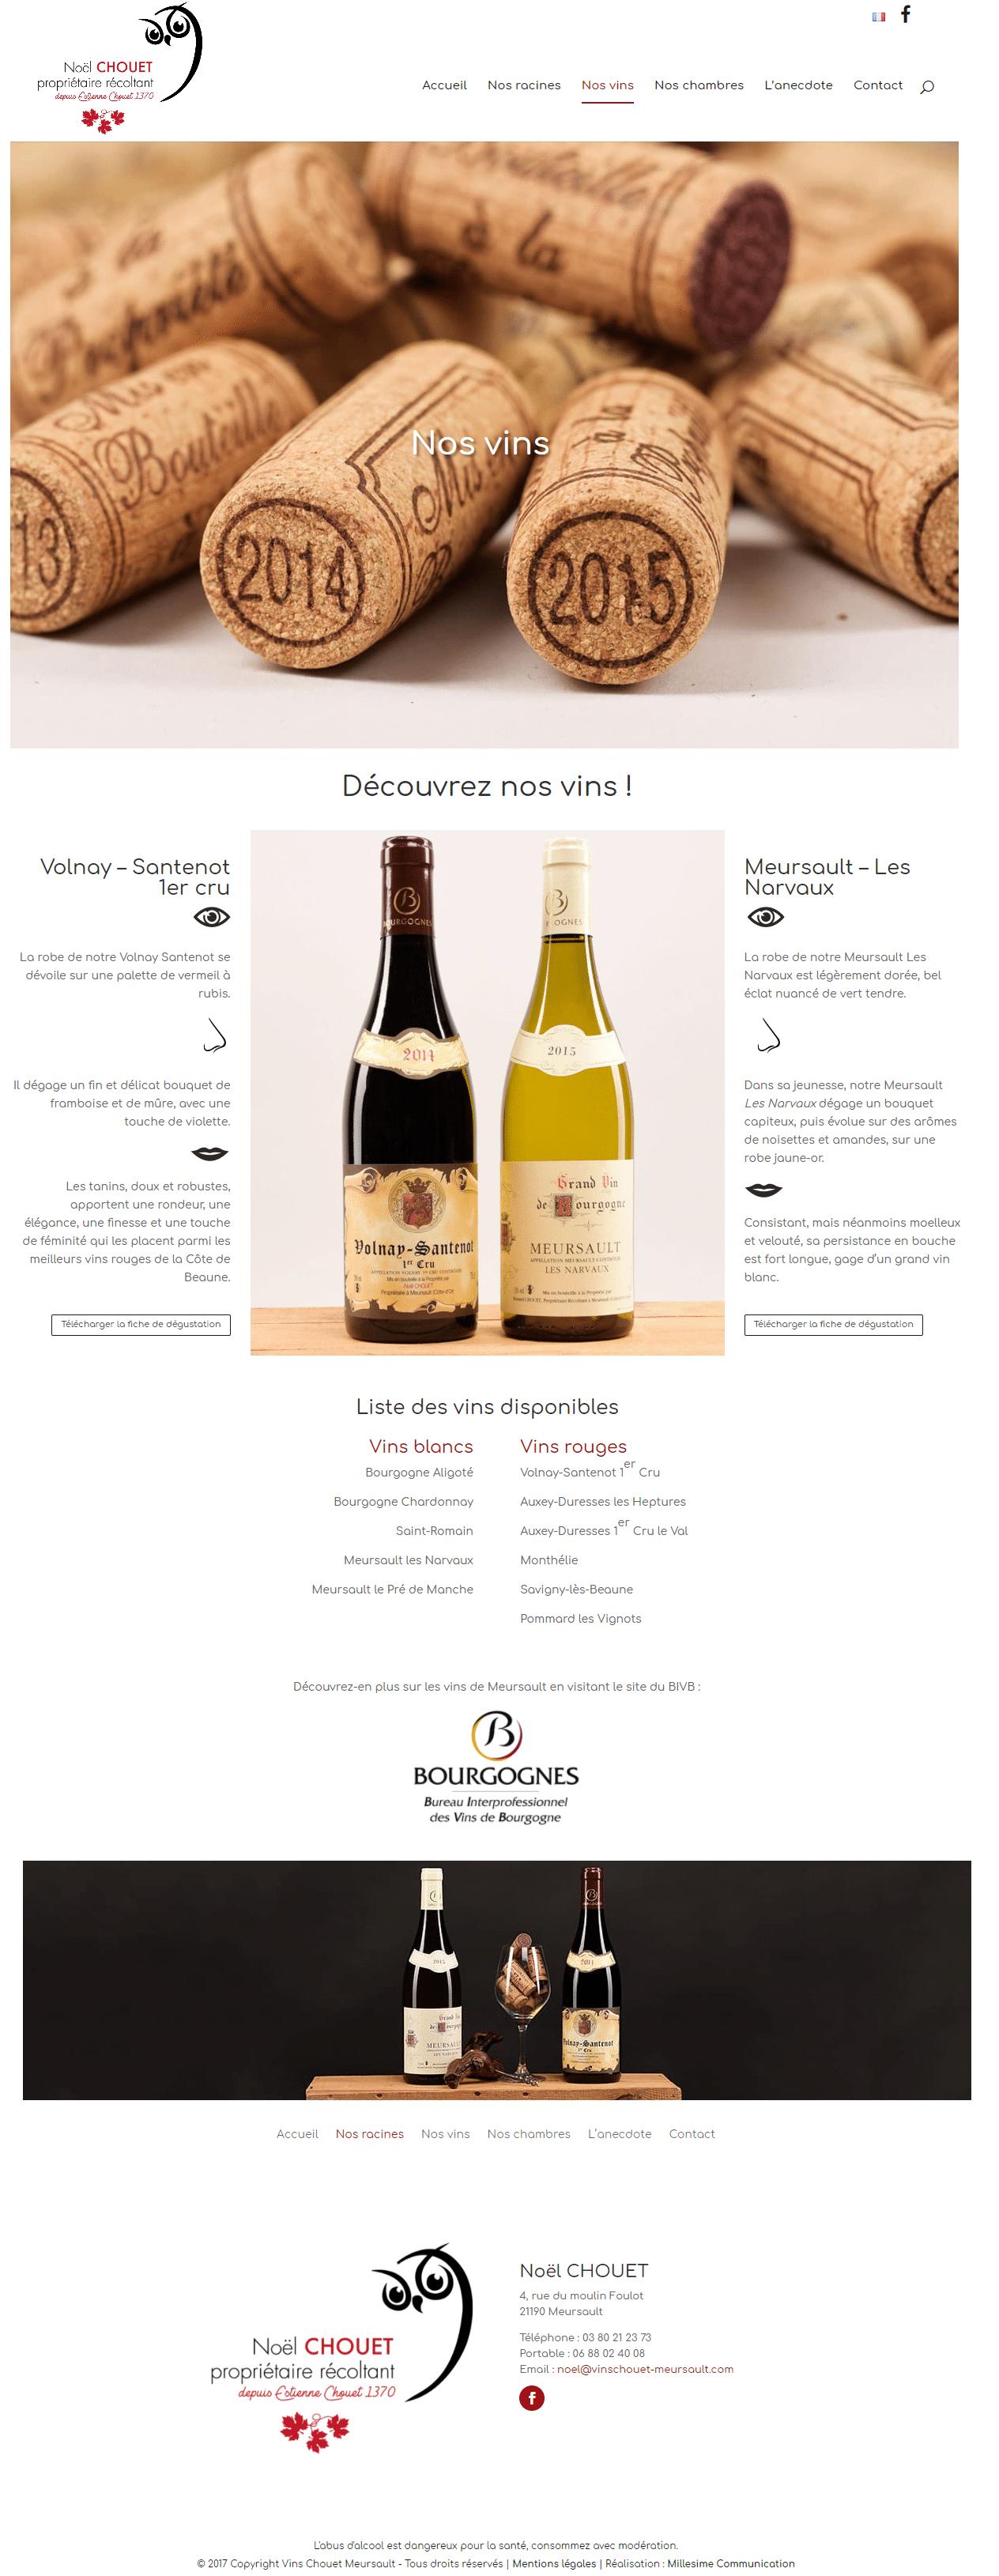 Site internet - Vins Noel Chouet - Vins